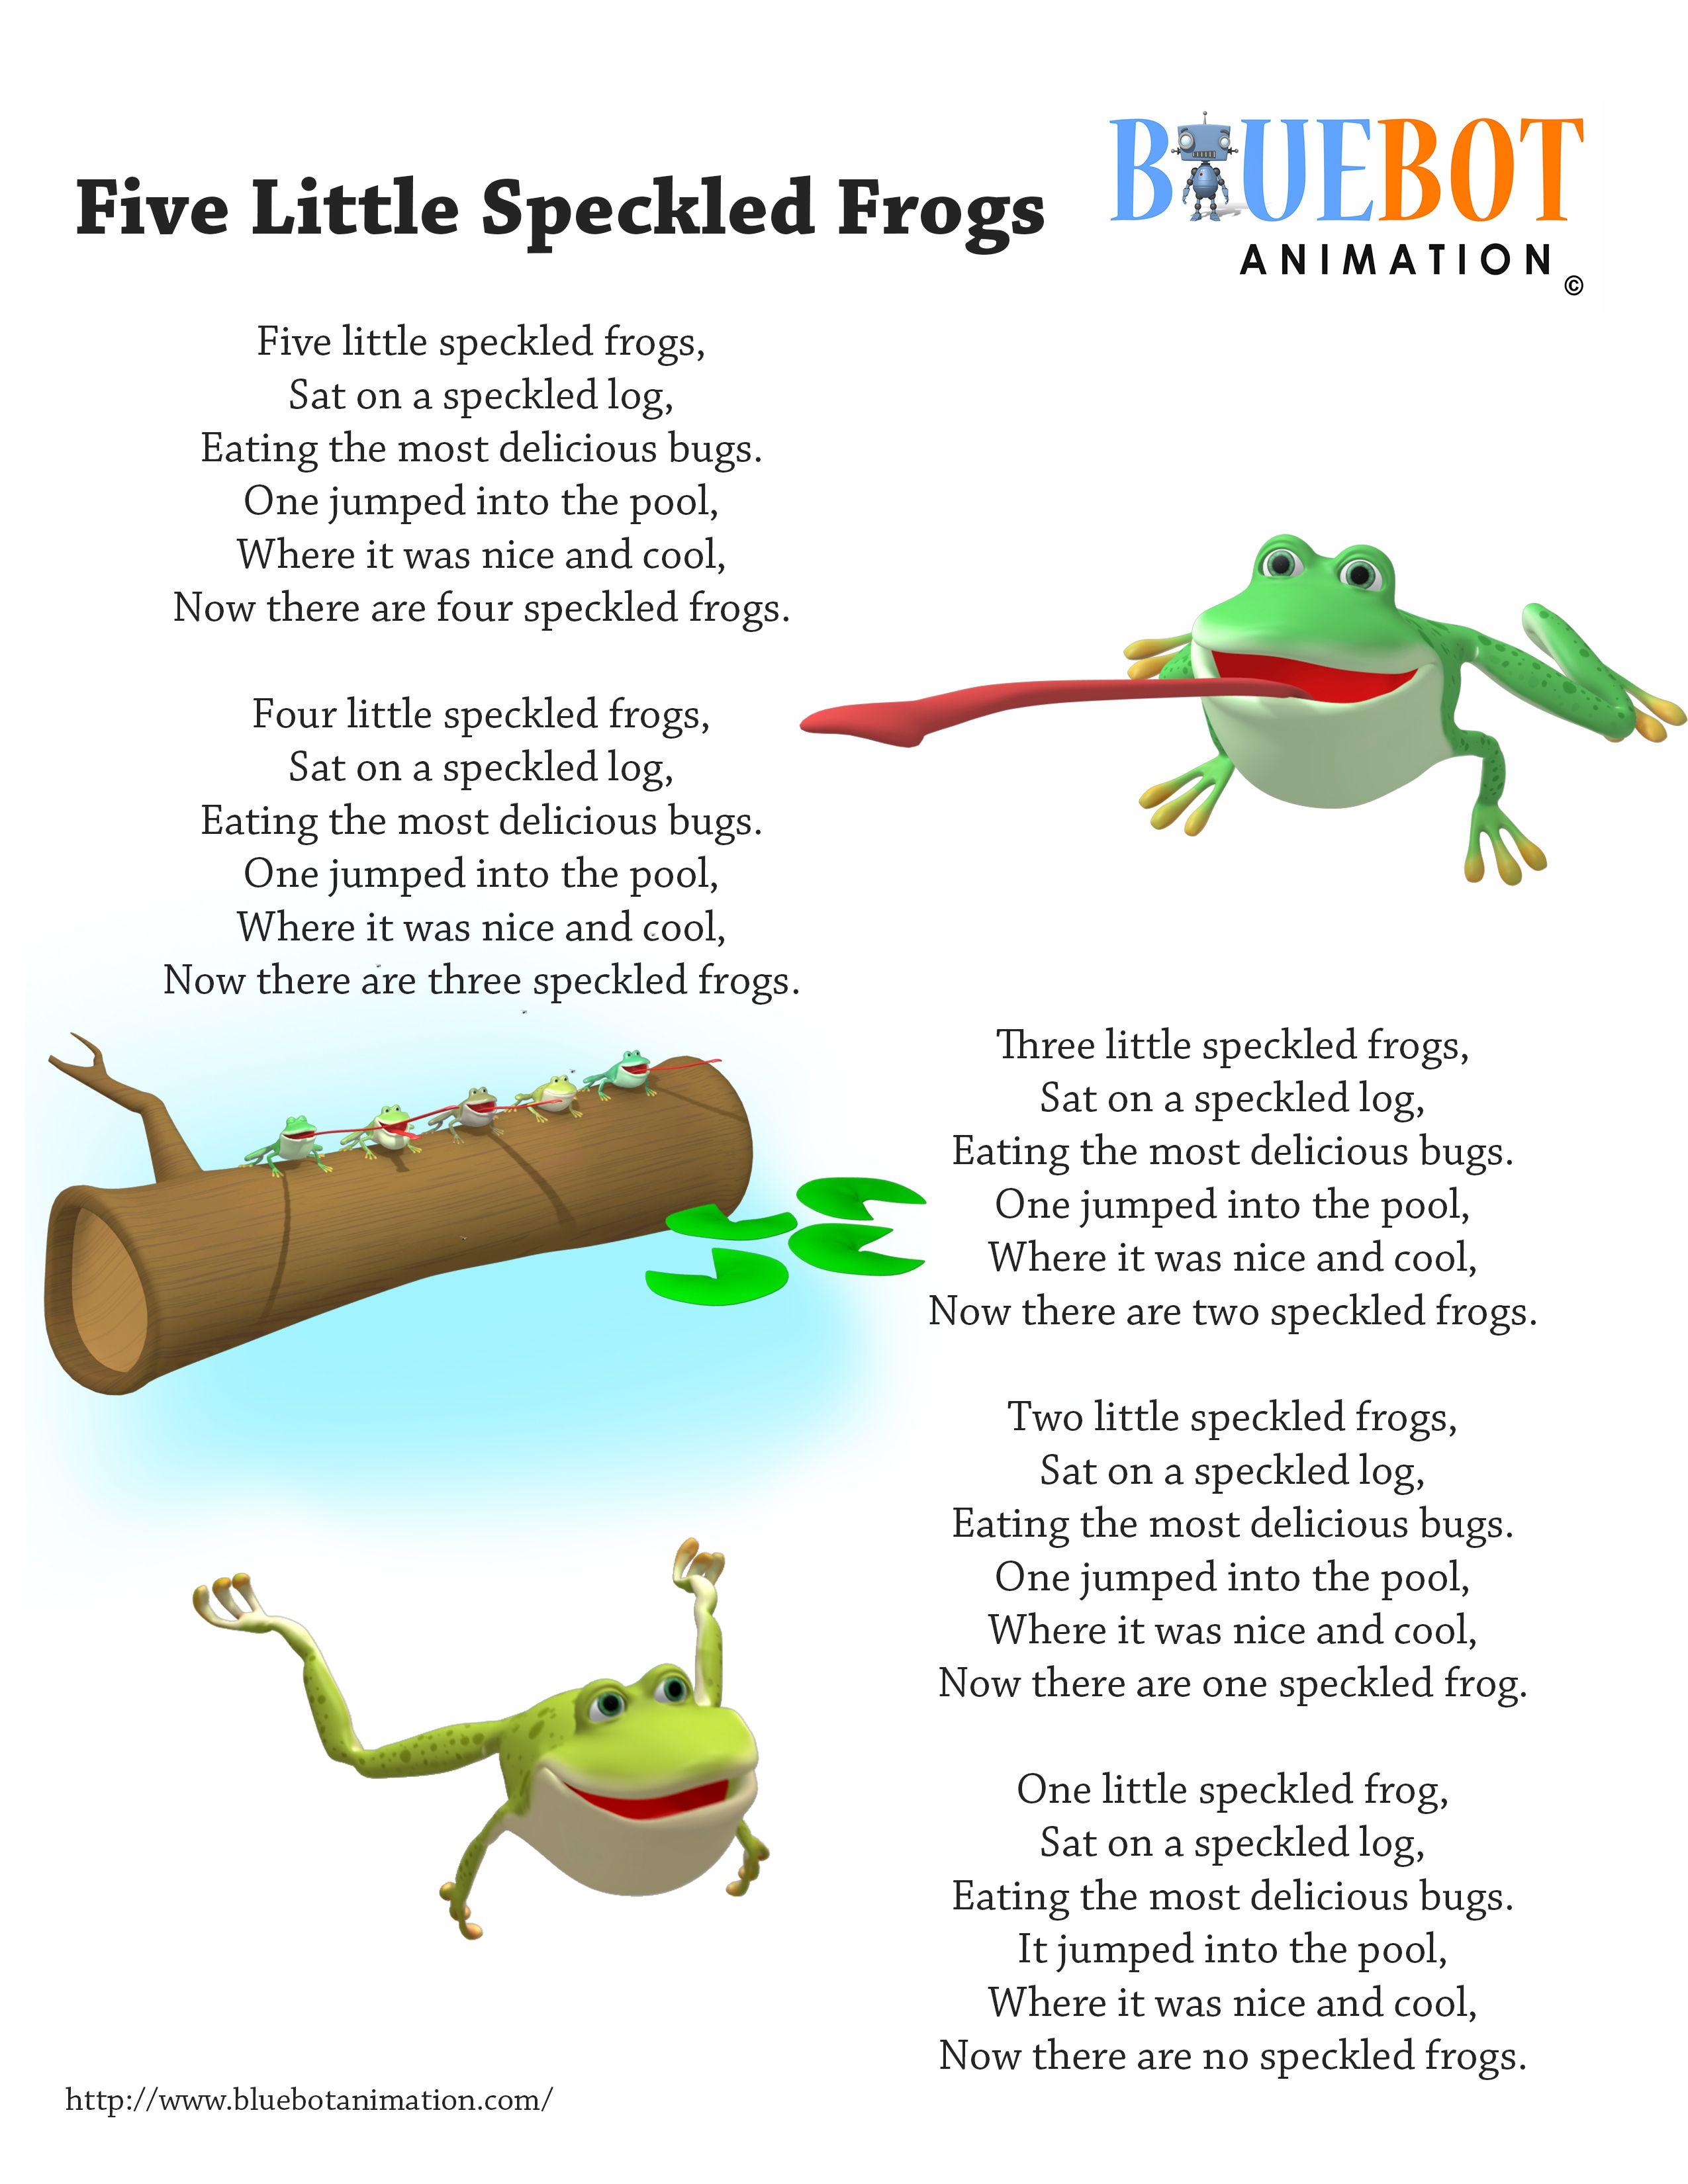 5 Little Speckled Frog Nursery Rhyme Lyrics Free Printable